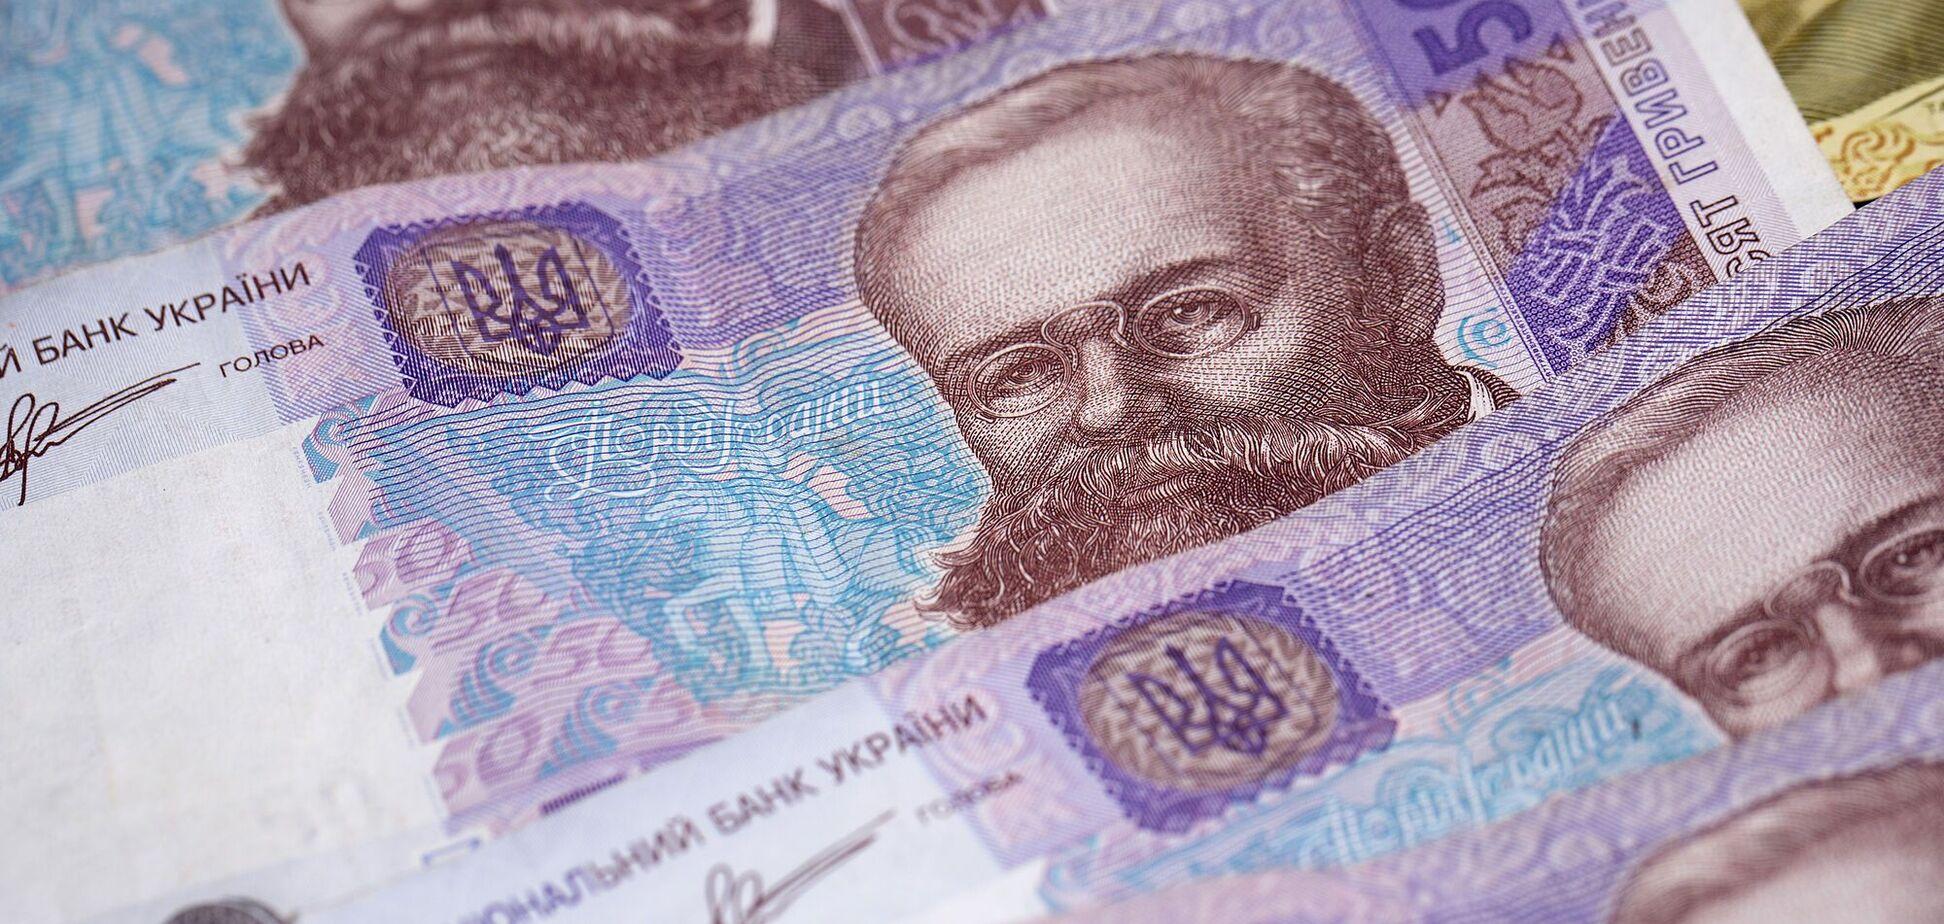 В Україні арештували понад 670 млн грн для відшкодування ПДВ